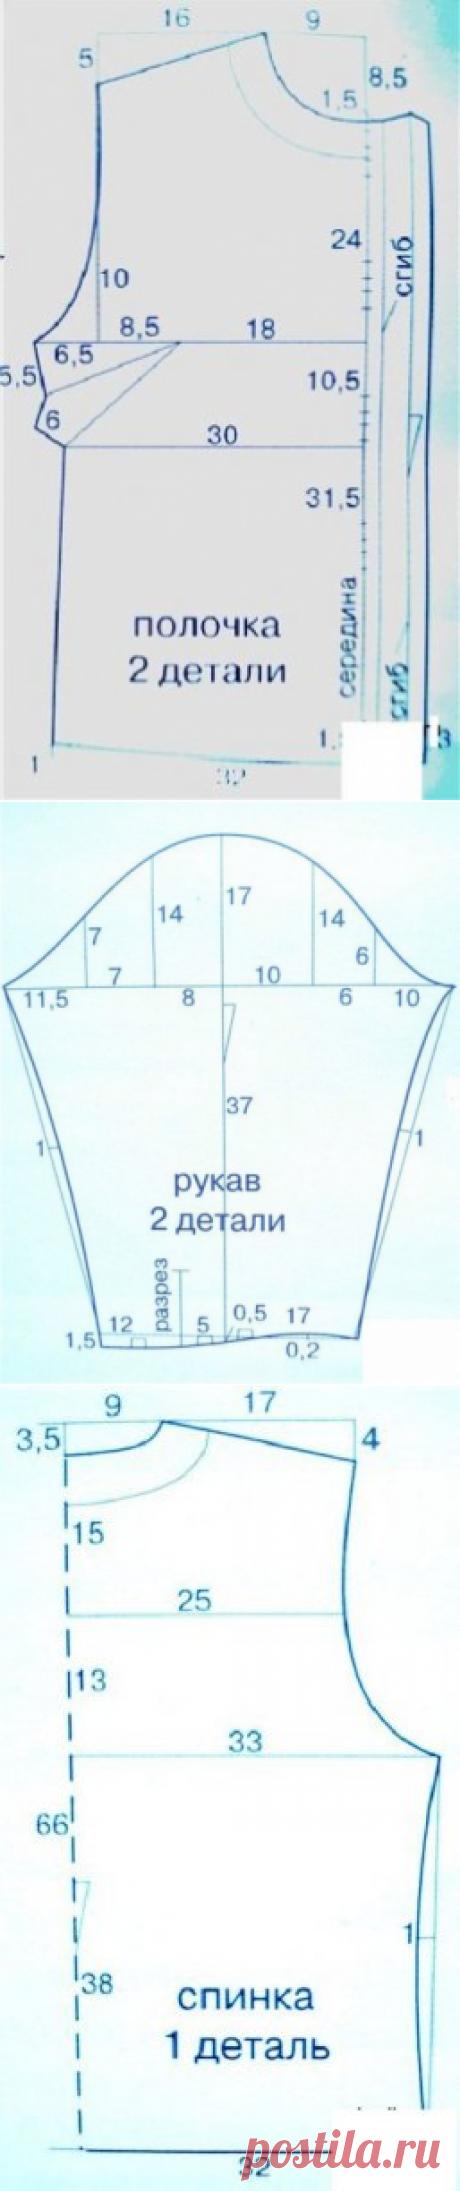 Выкройка блузки большого размера